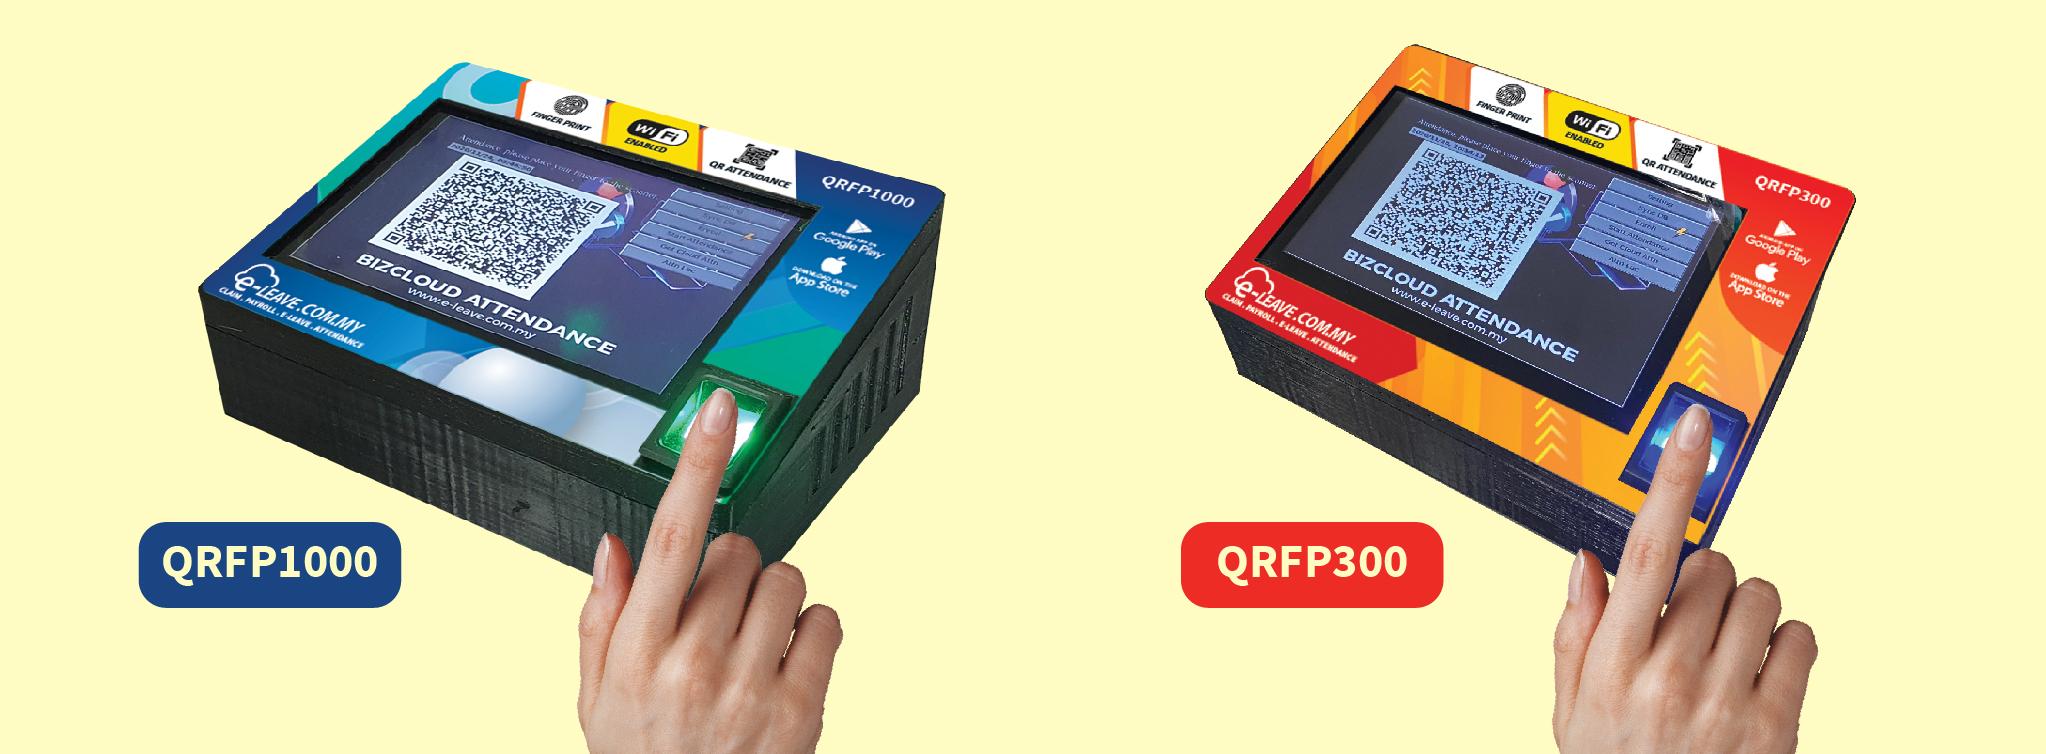 qr fp fingerprint attendance system contactless